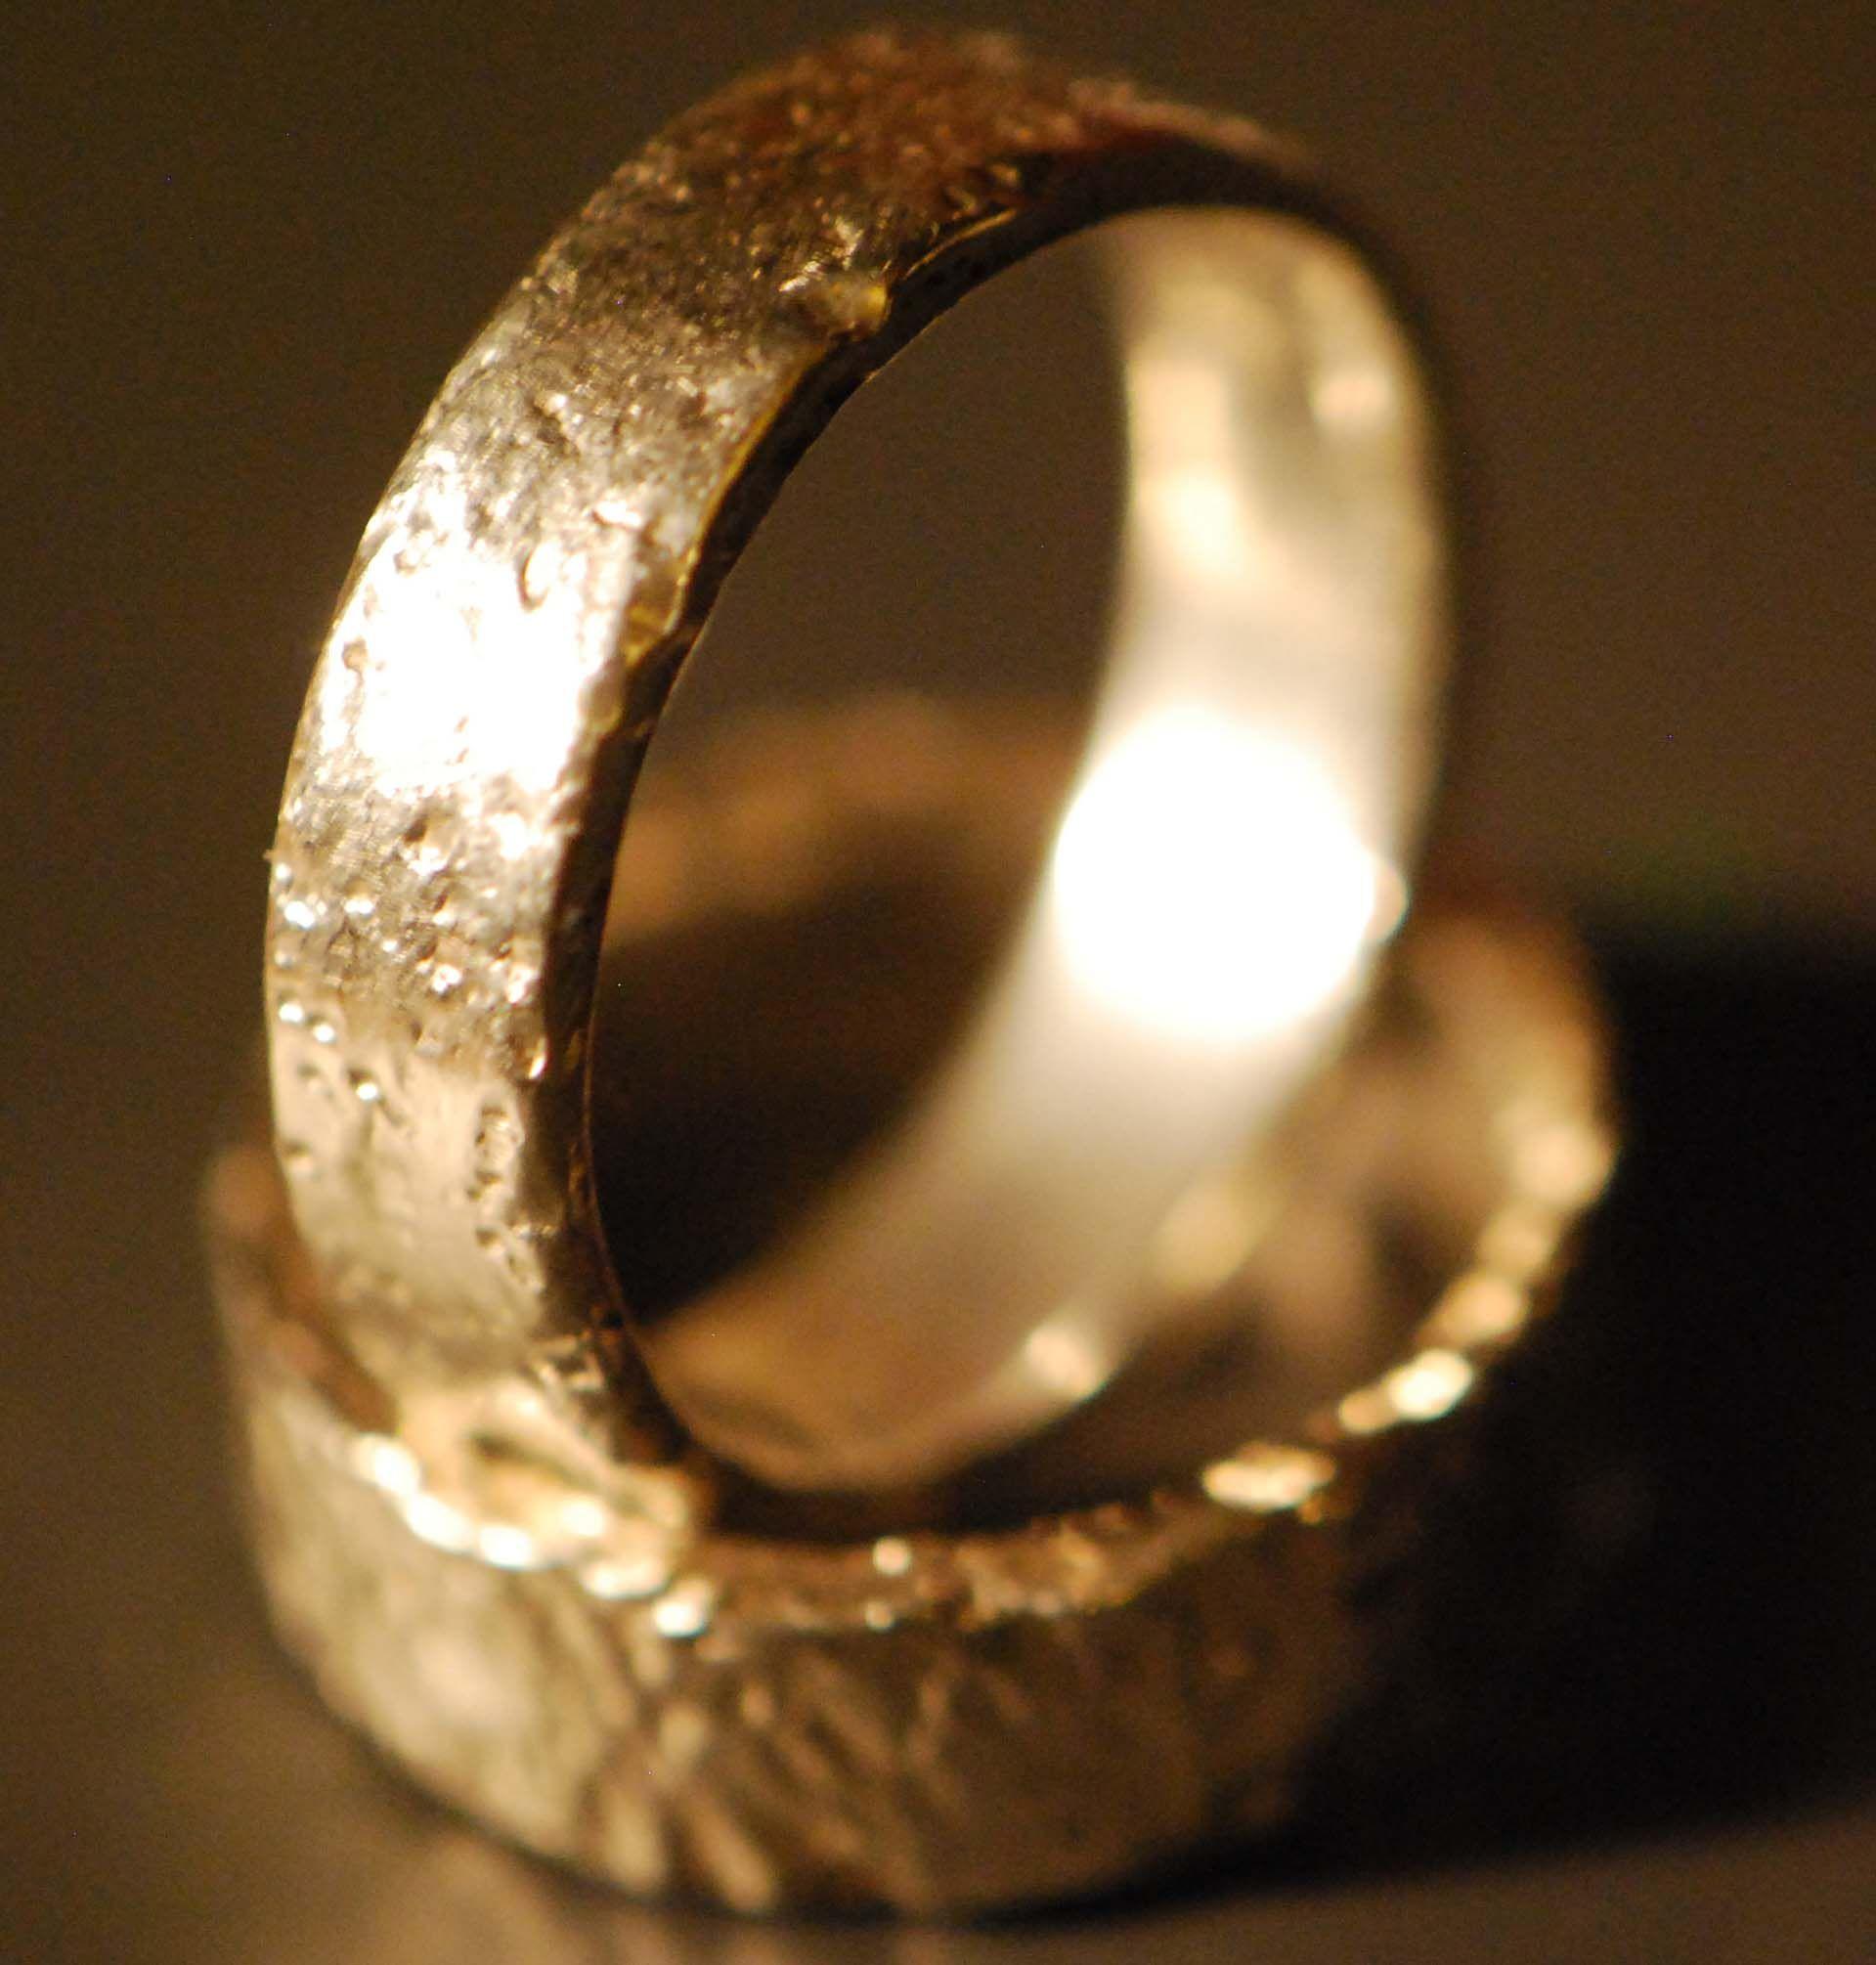 Ba717 Wedding Bands Artisan Rings Band Ring: Artisan Wedding Rings And Bands At Websimilar.org